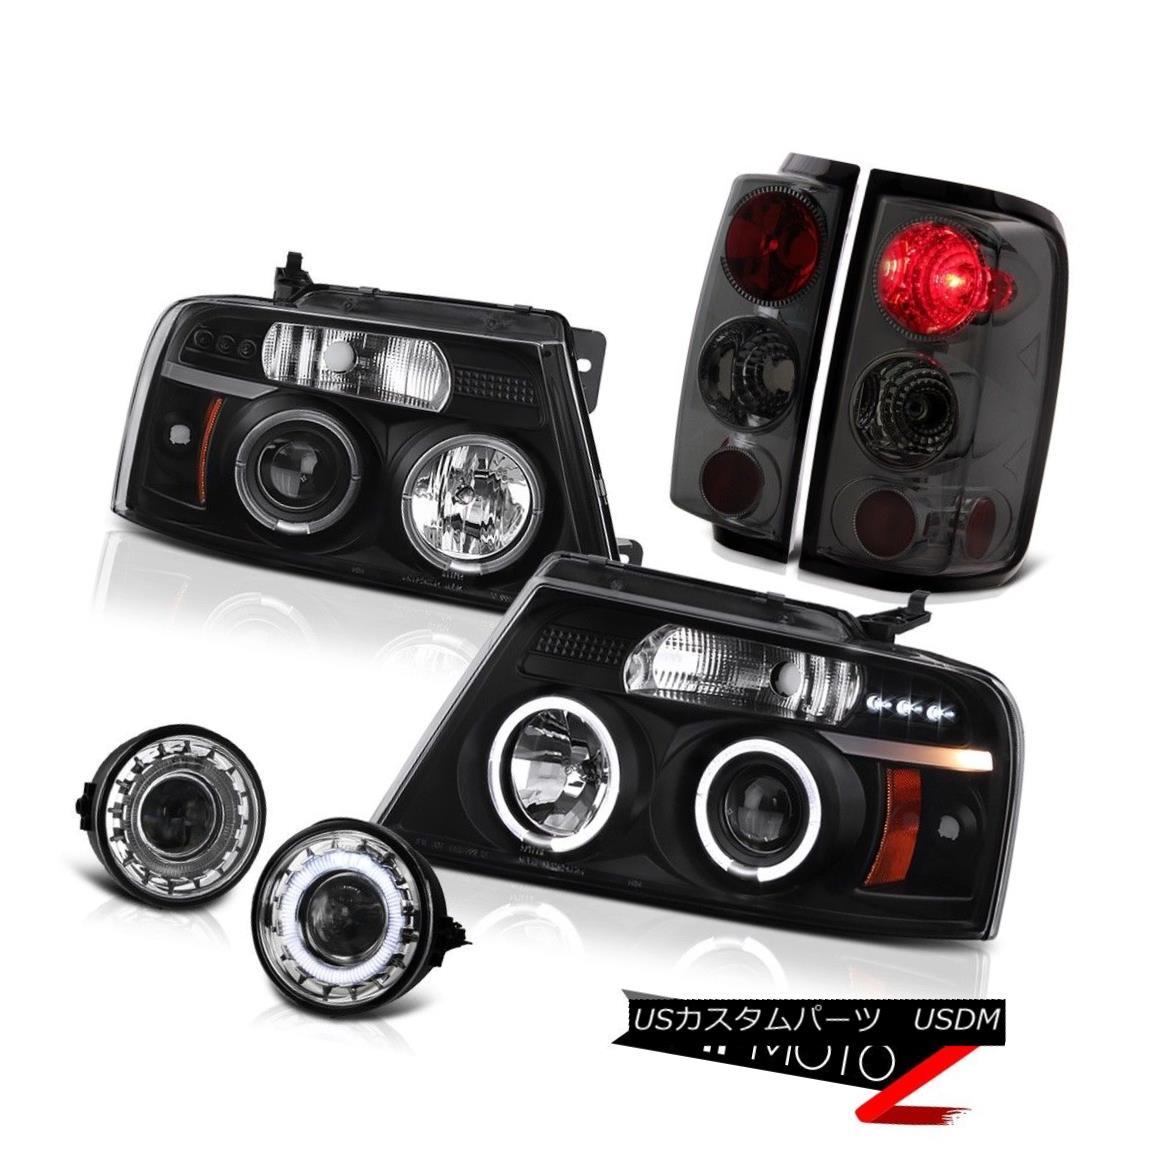 ヘッドライト 2006-2008 Ford F150 XLT Chrome Foglights Headlights Tail Lamps Projector Euro 2006-2008 Ford F150 XLT Chrome Foglightsヘッドライトテールランププロジェクターユーロ